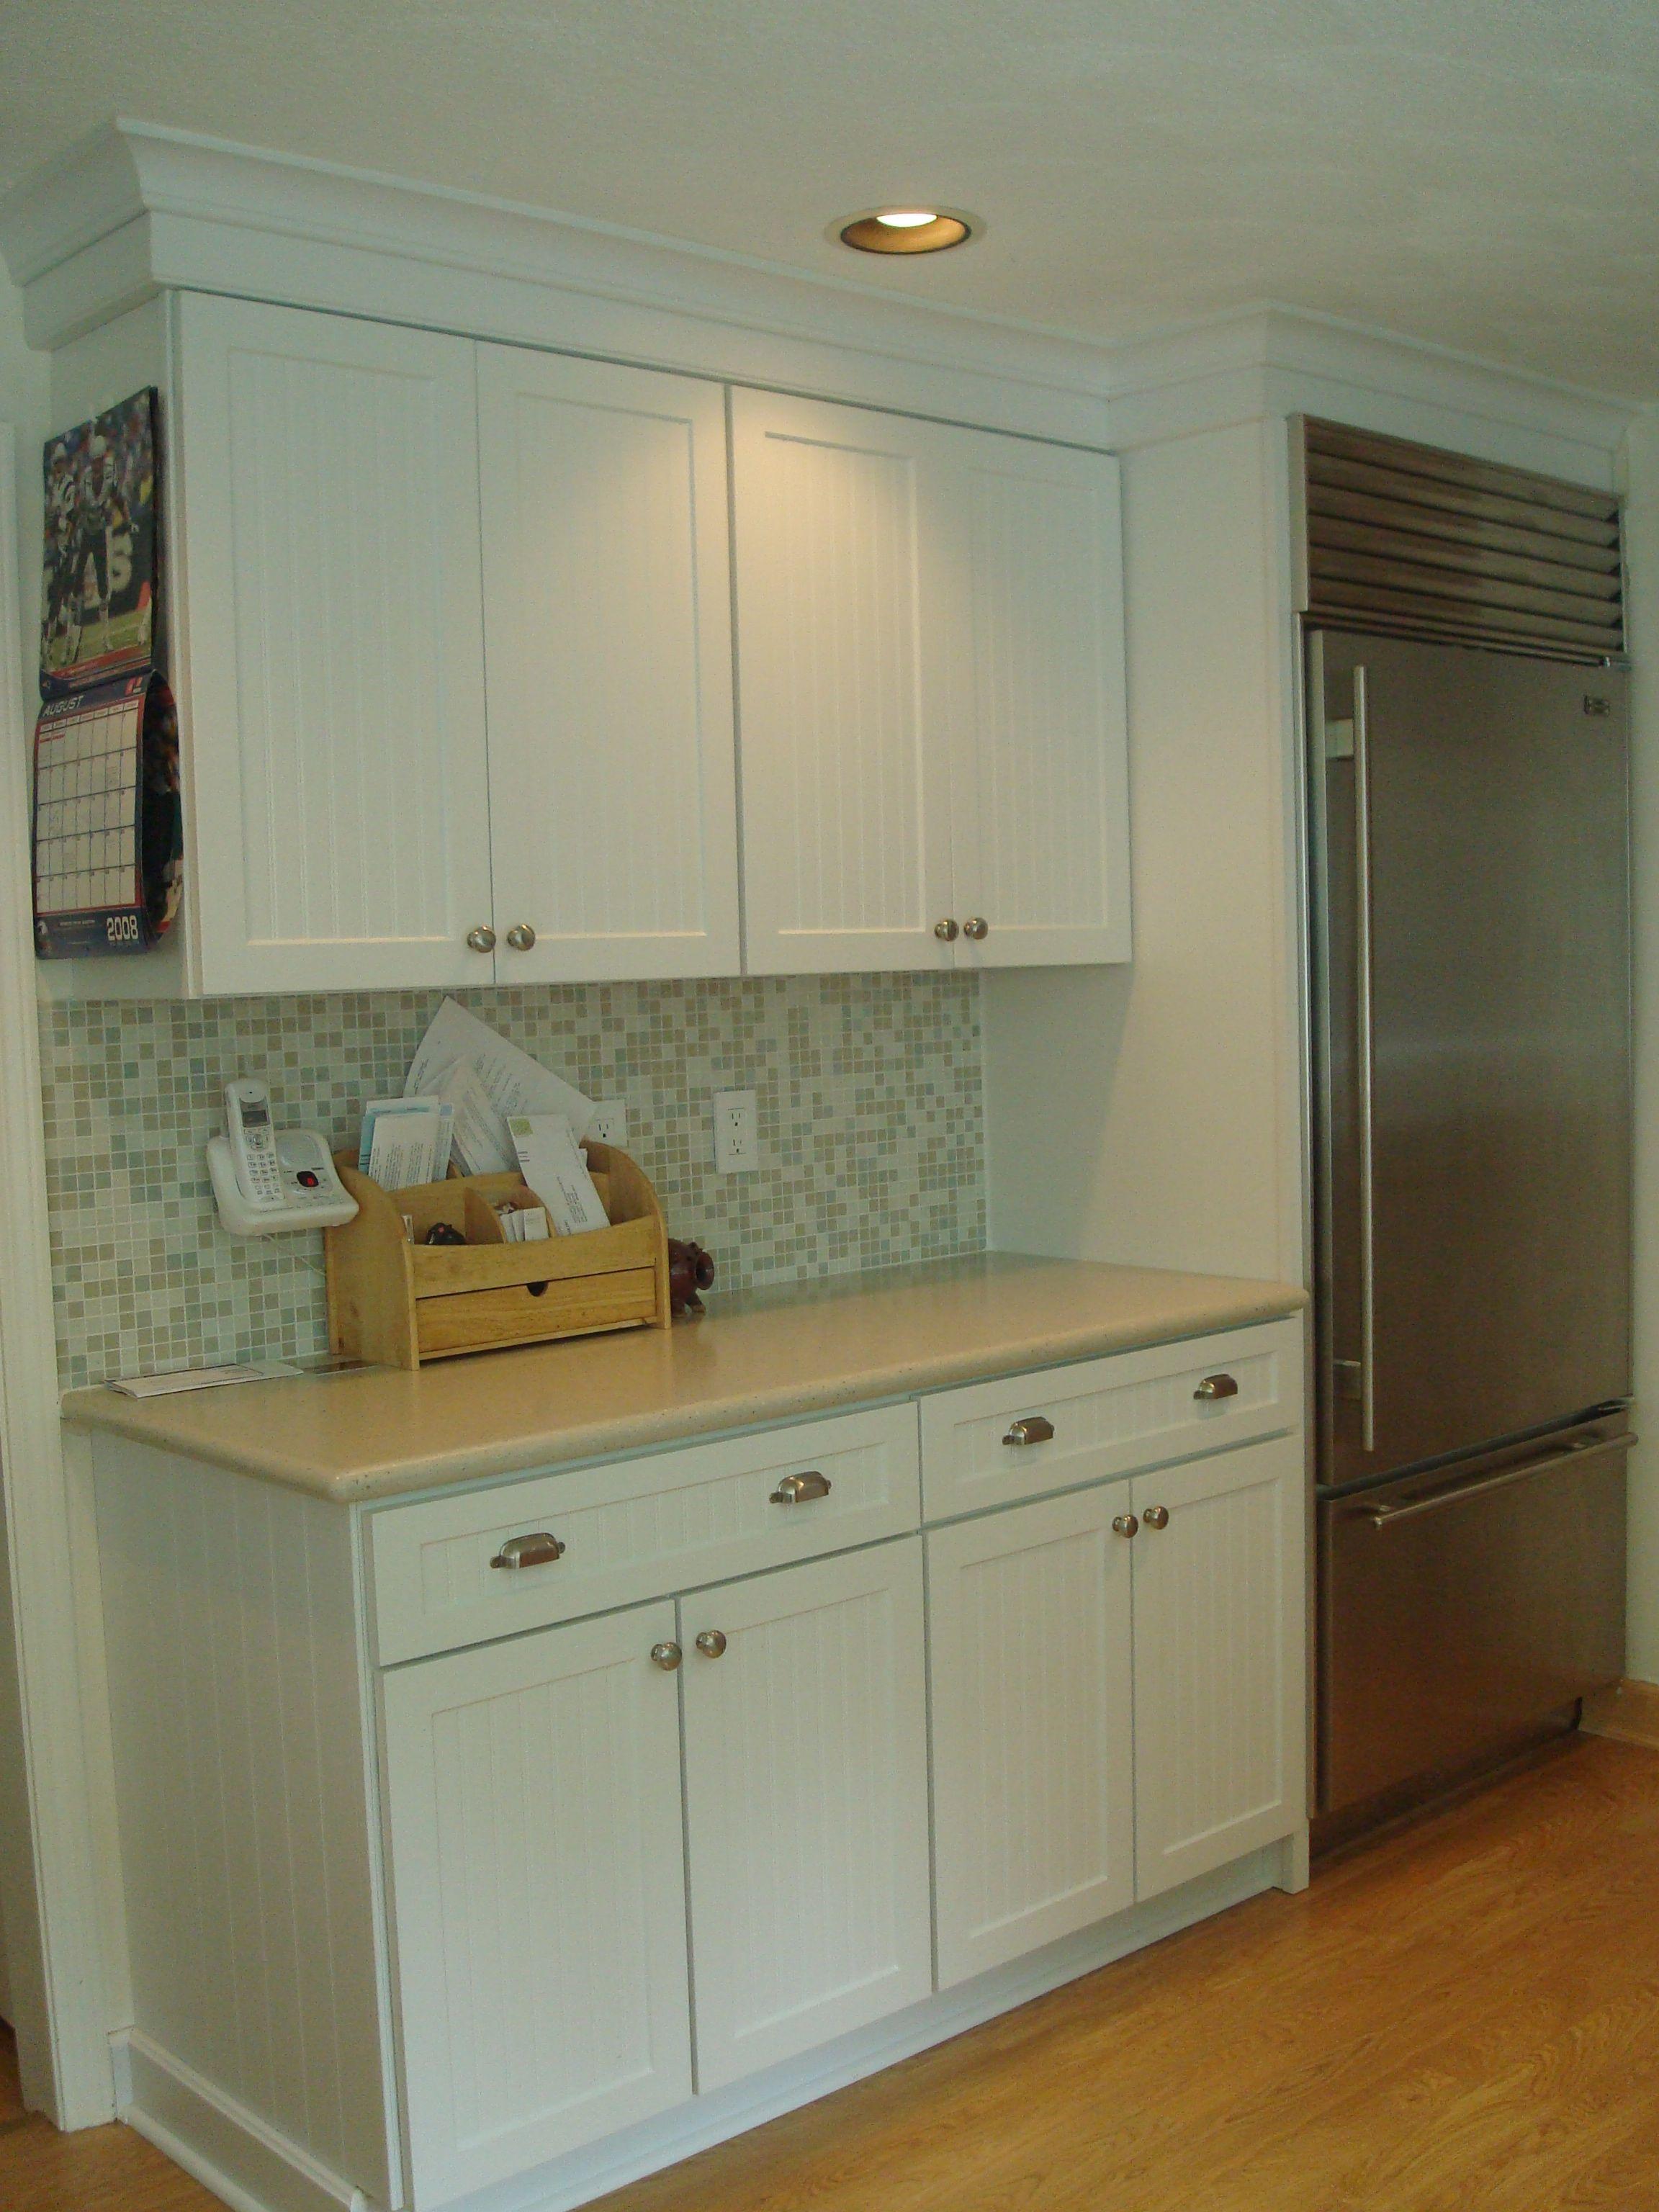 Kraftmaid Polar Ridge Corian Silver Birch Kitchen Must Haves Kitchen Cabinets Kitchen